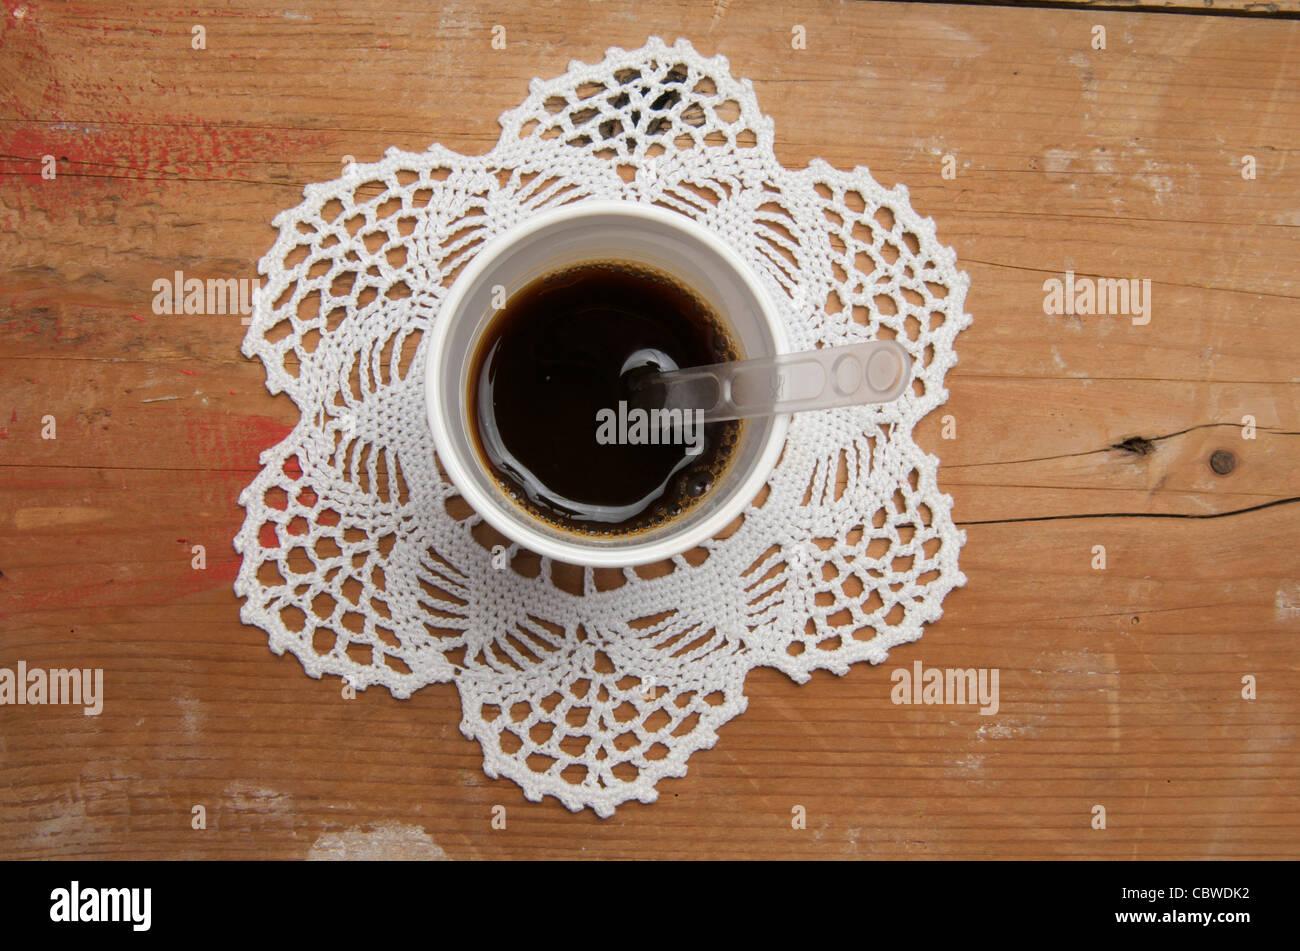 Monouso tazza di caffè su un luogo mat. Immagini Stock